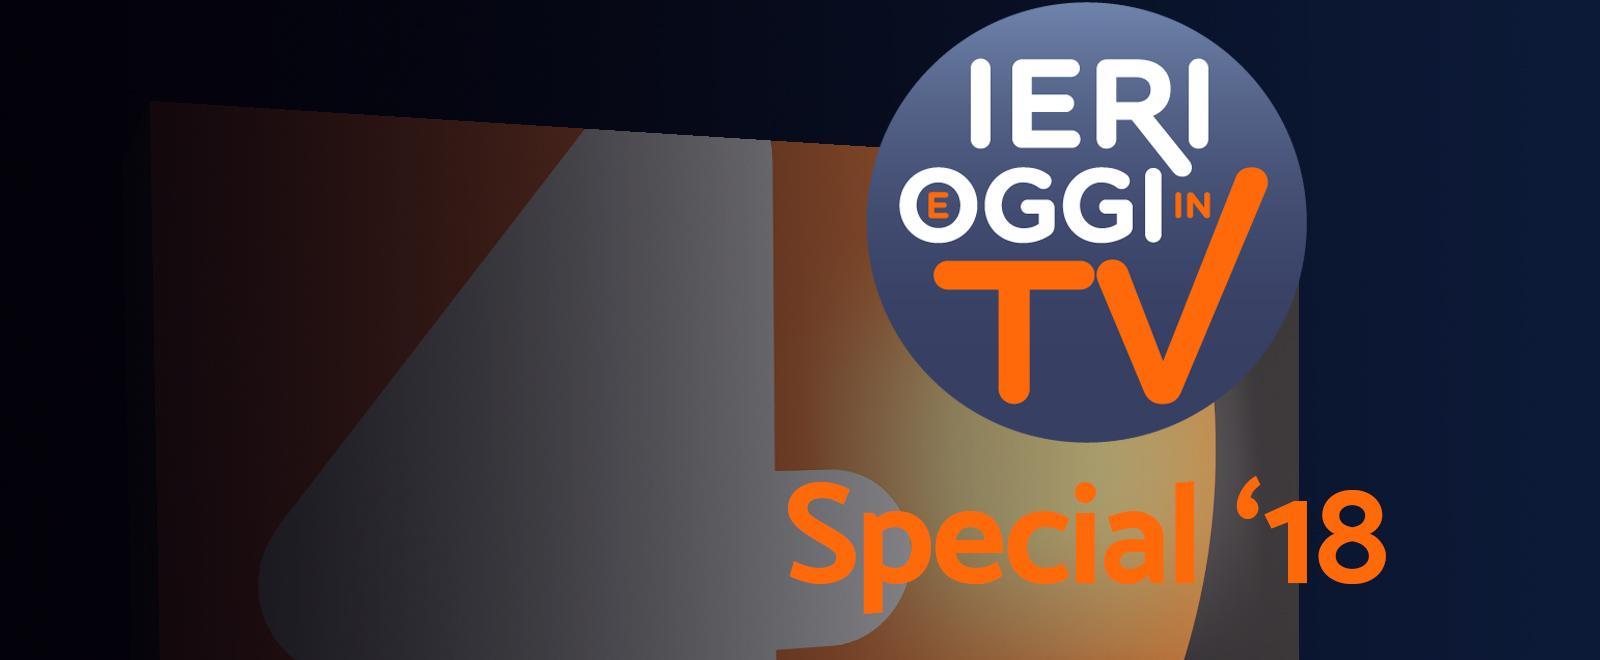 Ieri e oggi in Tv Special - Stag. 1 Ep. 91 - Popcorn 1980